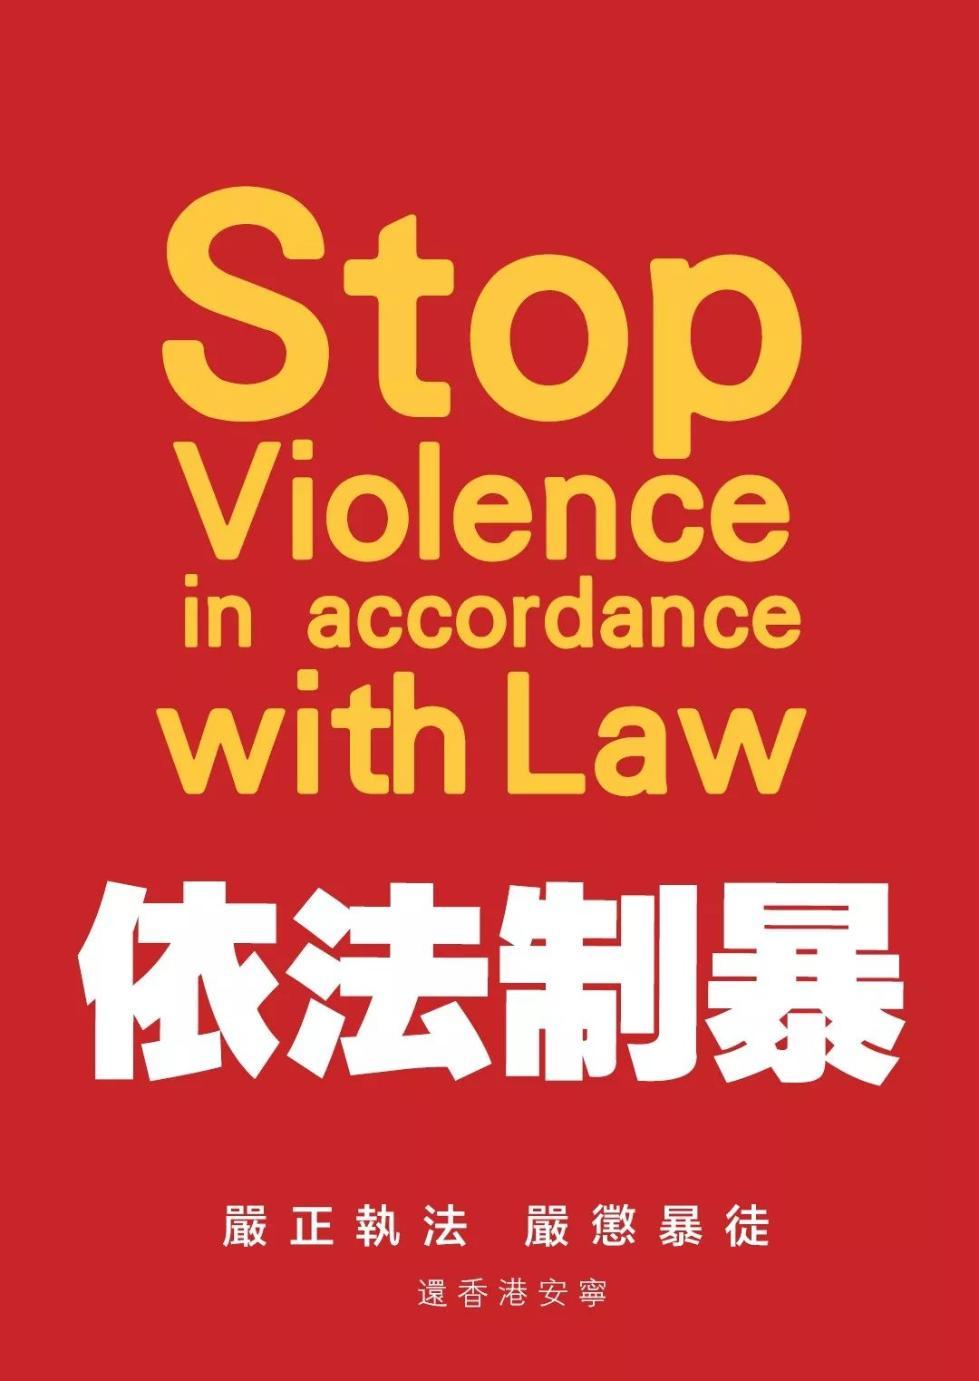 人民日报:绝不允许暴力绑架香港未来